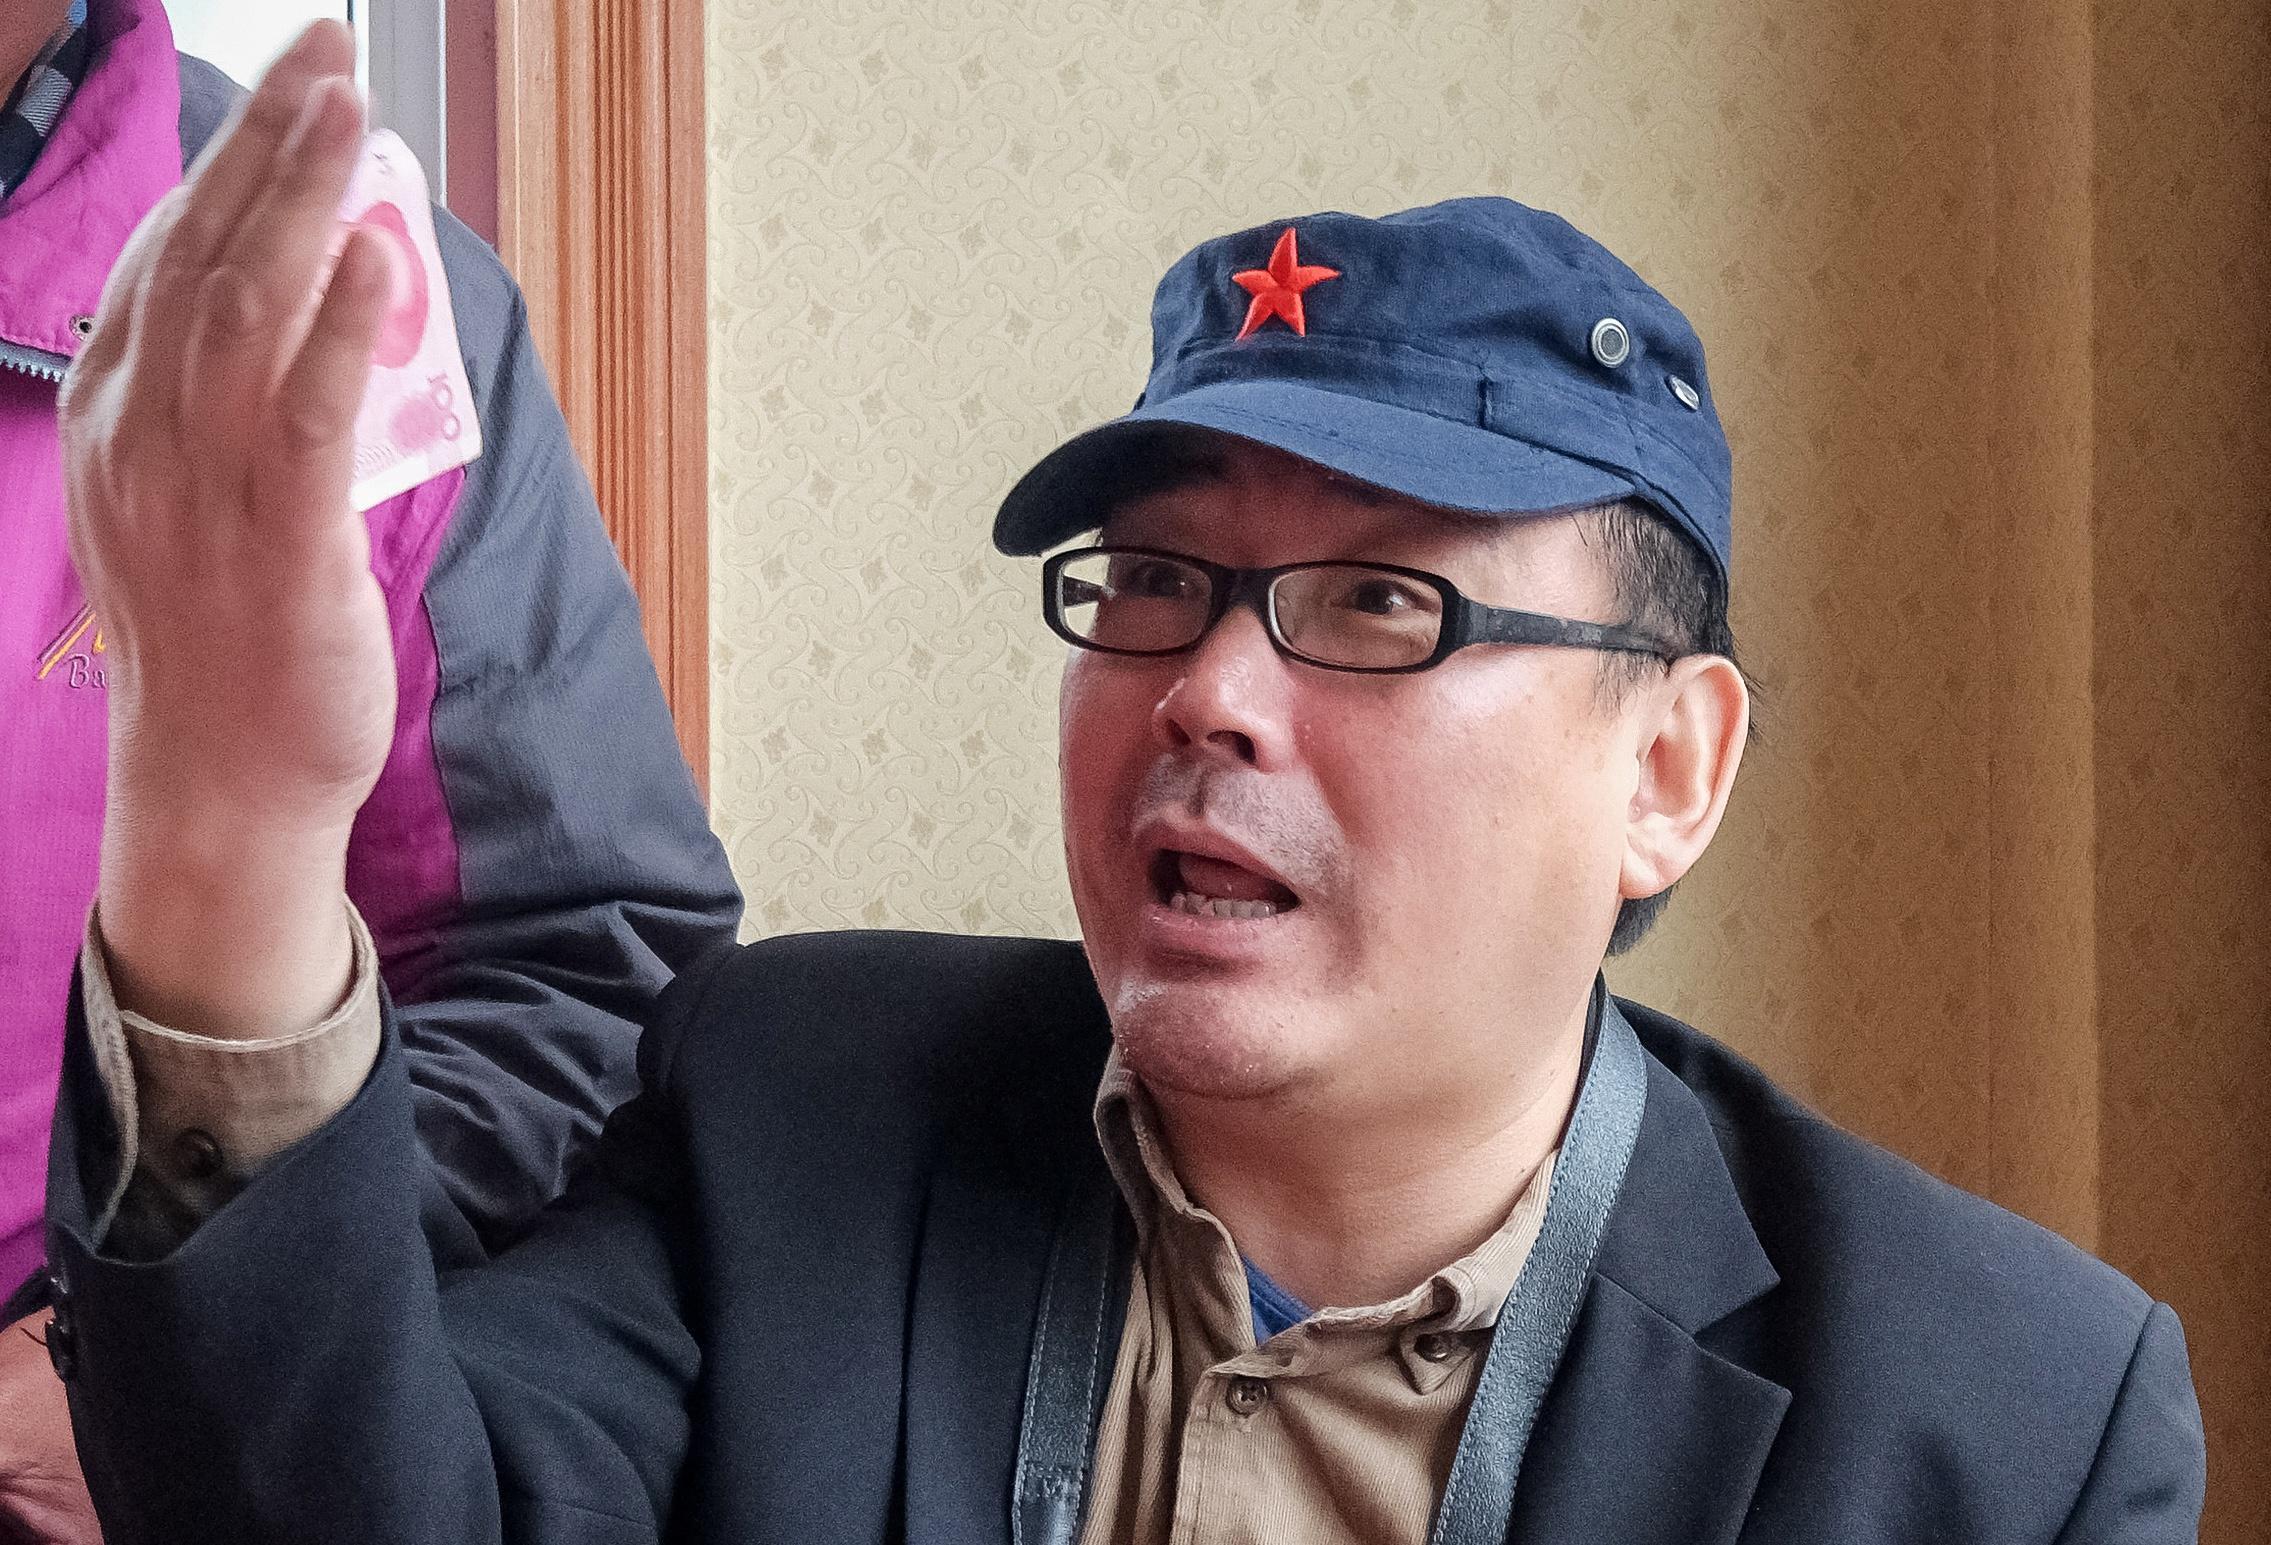 Trung Quốc - Australia căng thẳng, blogger lo bị kết án Ảnh 1